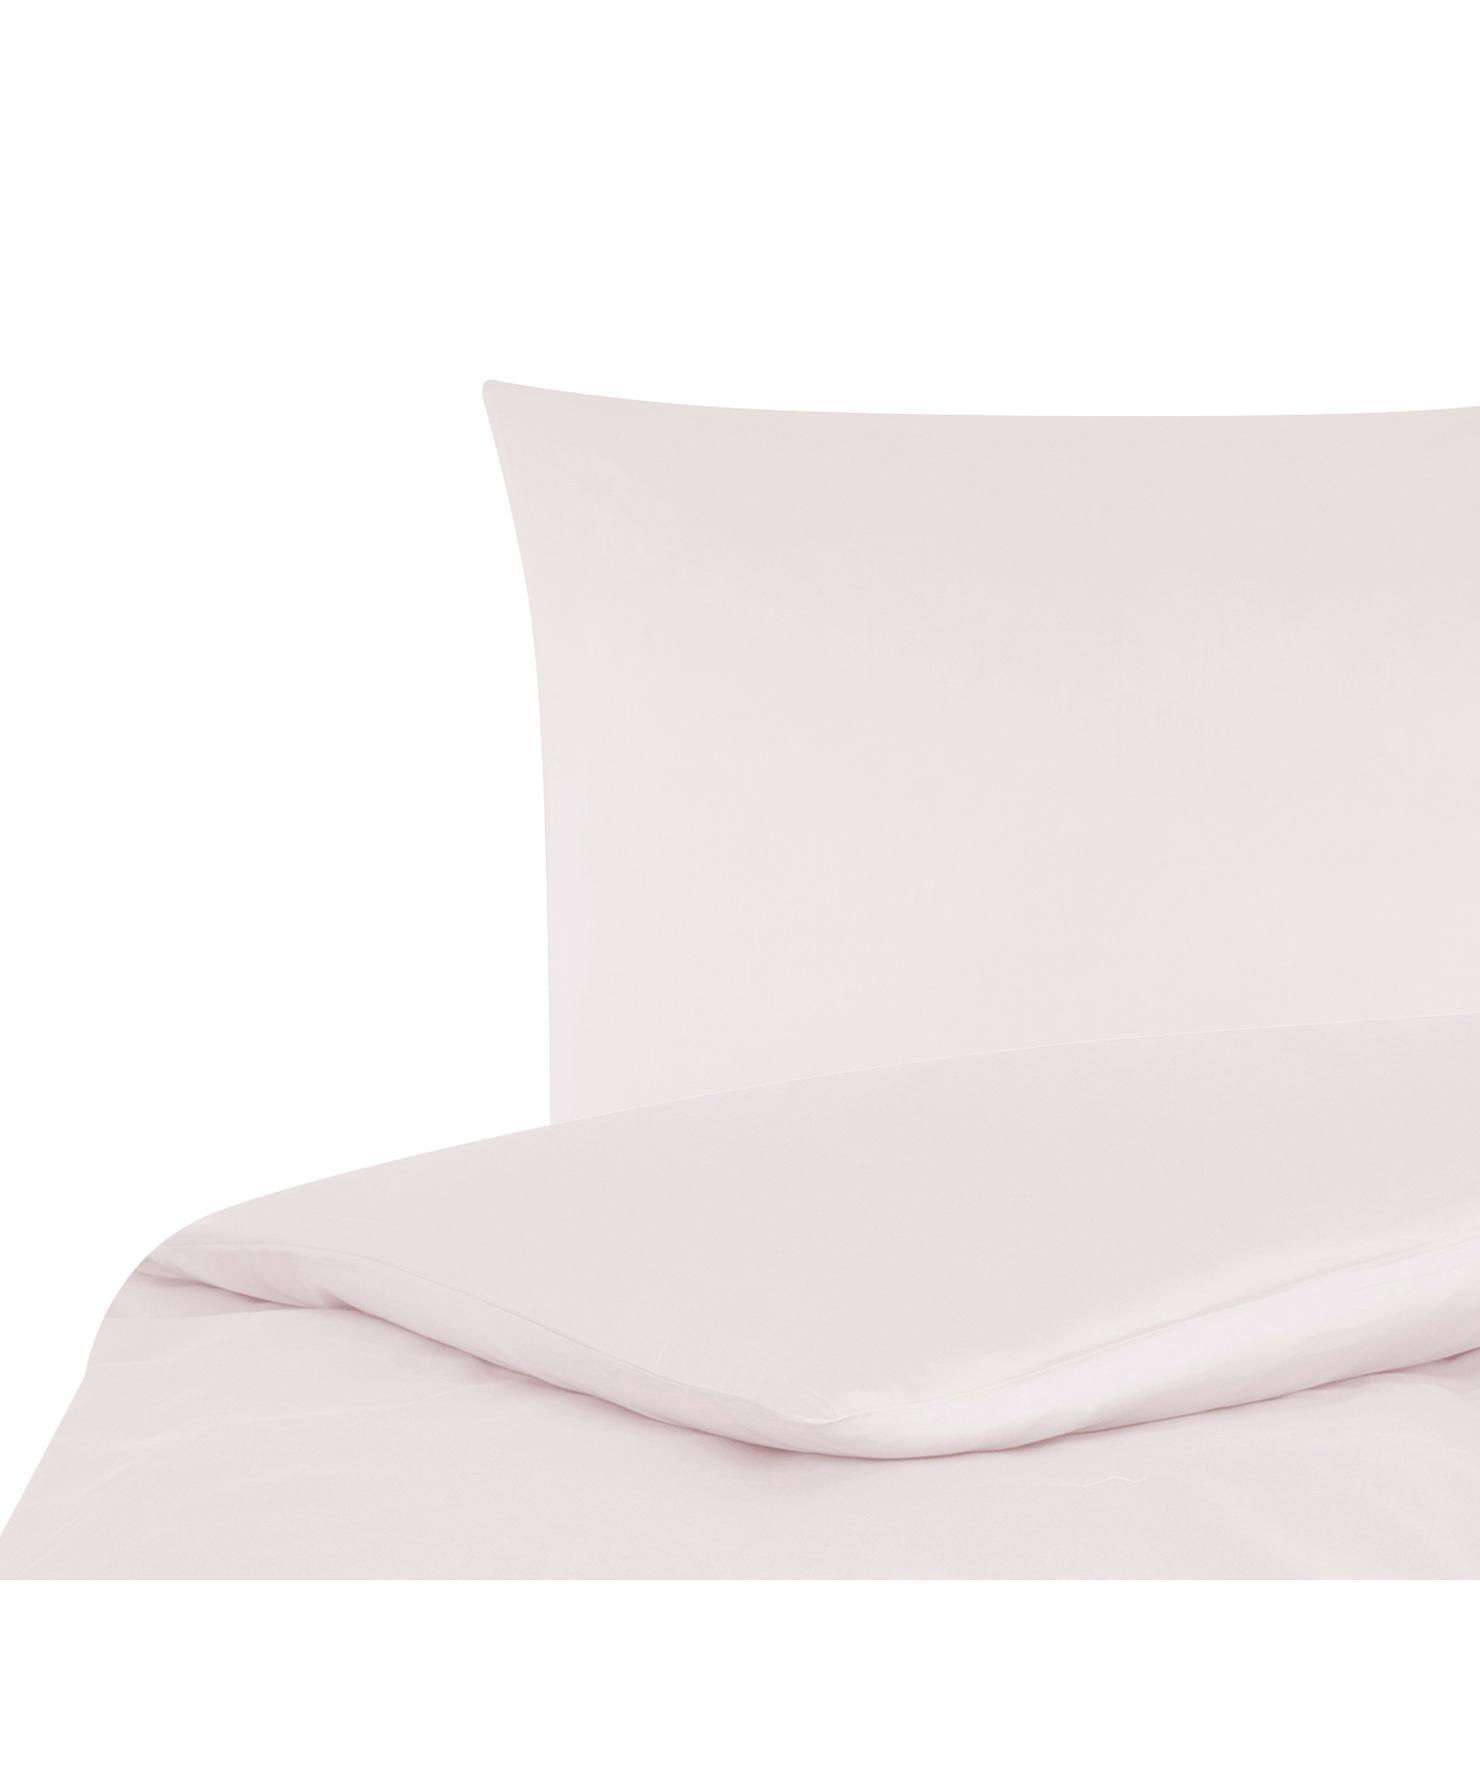 Parure copripiumino in raso di cotone Comfort, Rosa, 155 x 200 cm